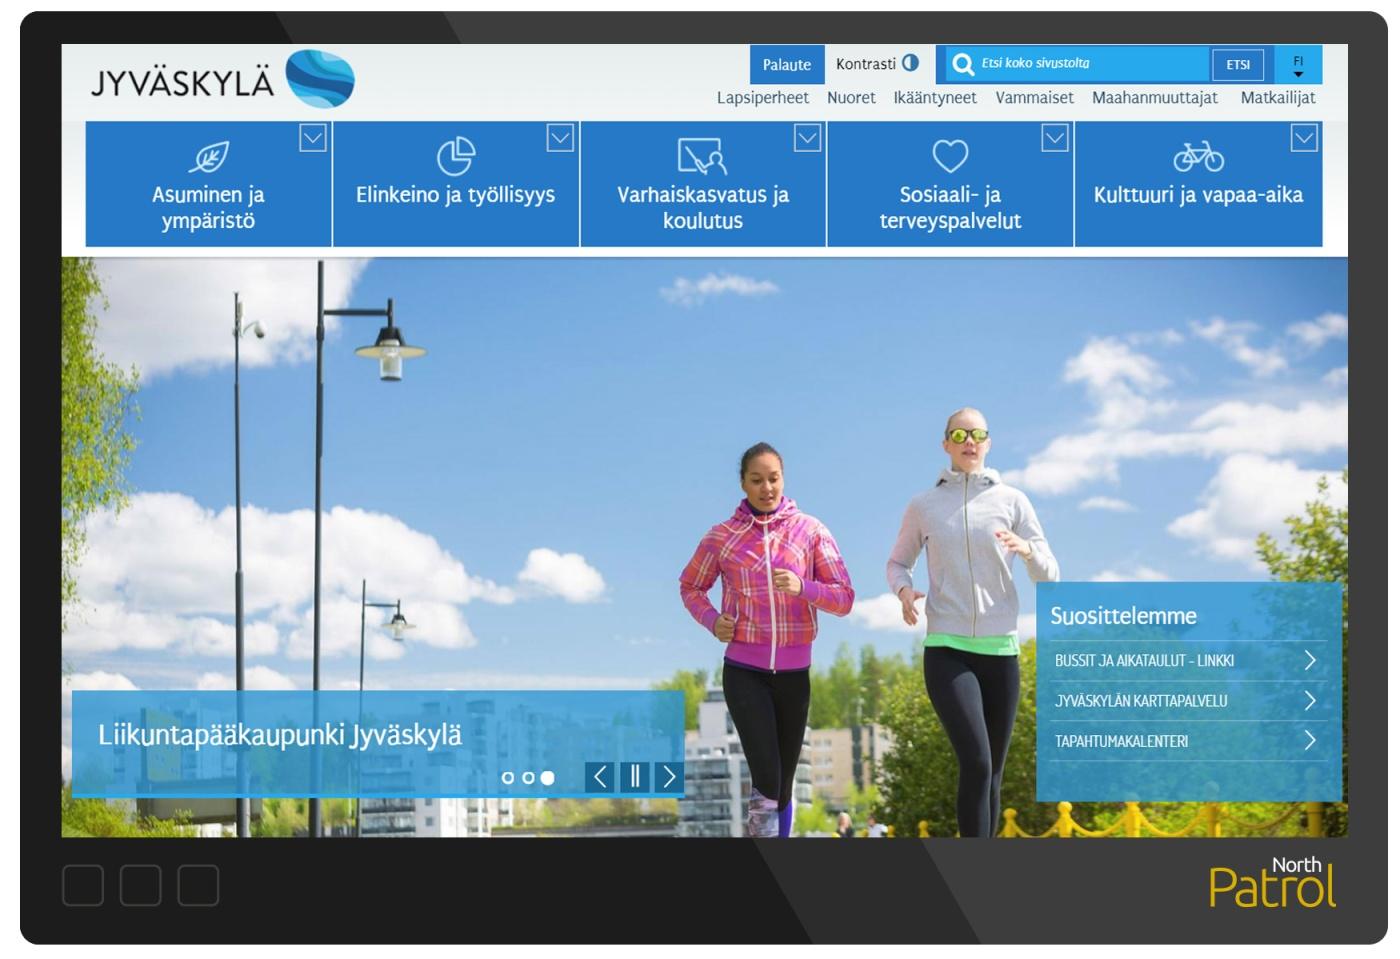 Jyväskylän verkkosivuston etusivulla näkyy iso valikko ja suuri kuvituskuva.